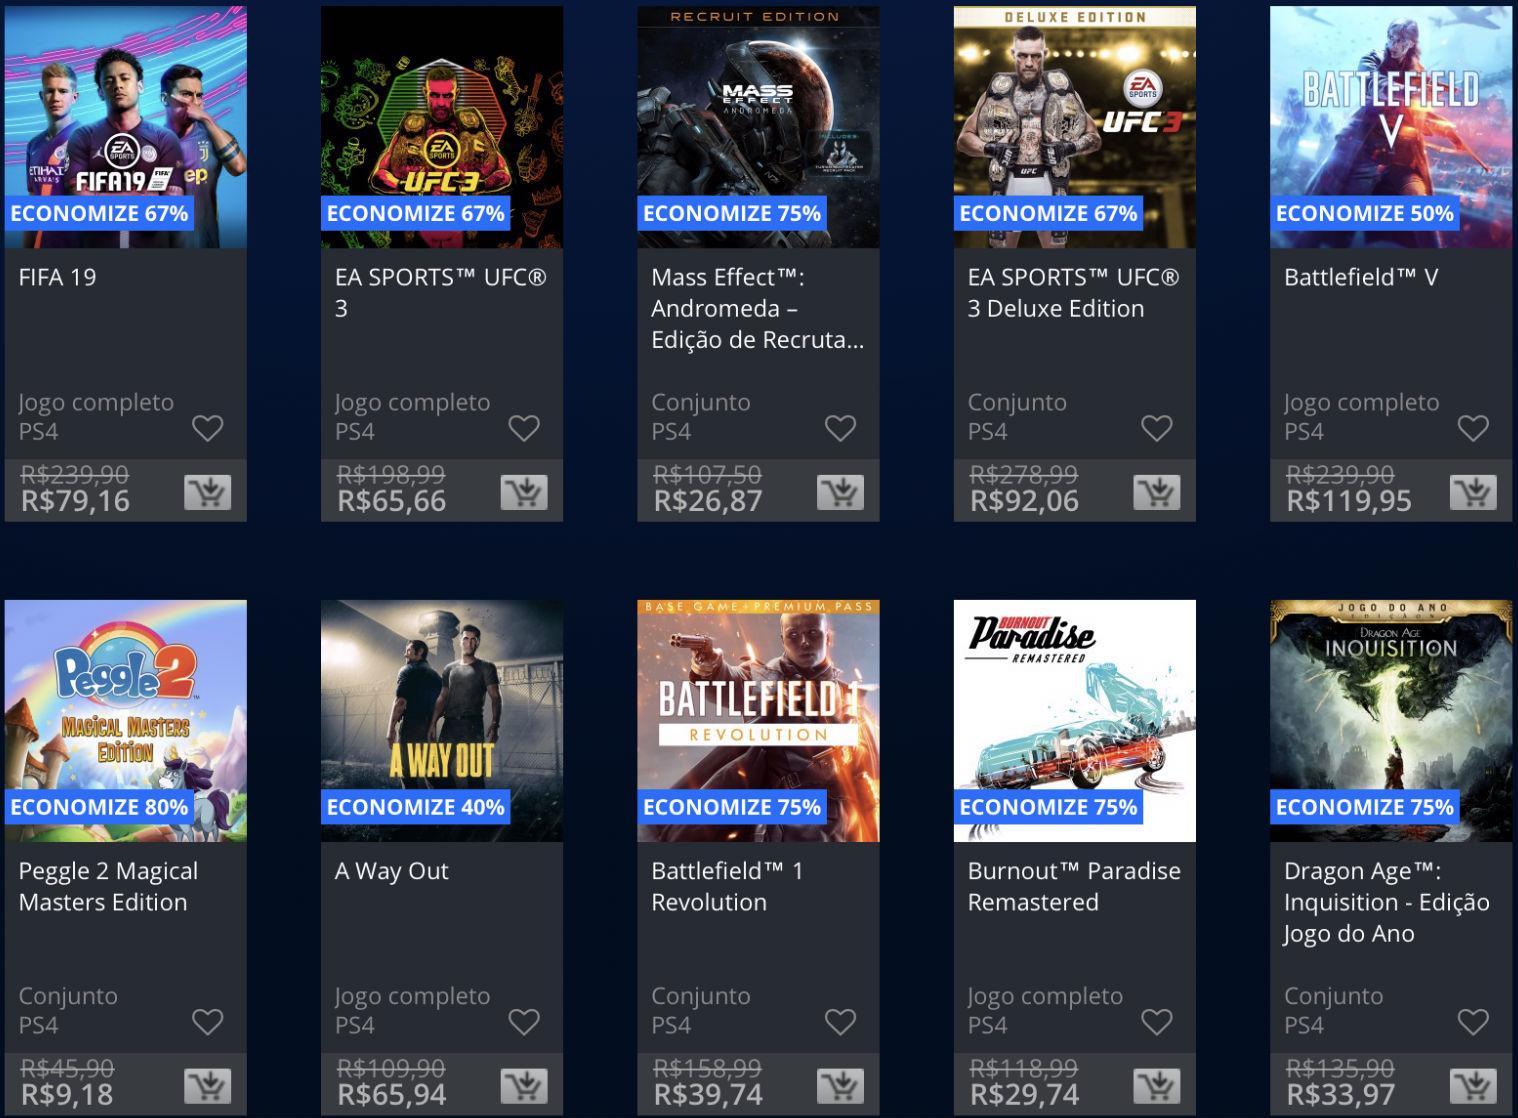 Jogos da EA estão em promoção na PSN; Descontos chegam até 80%! 1